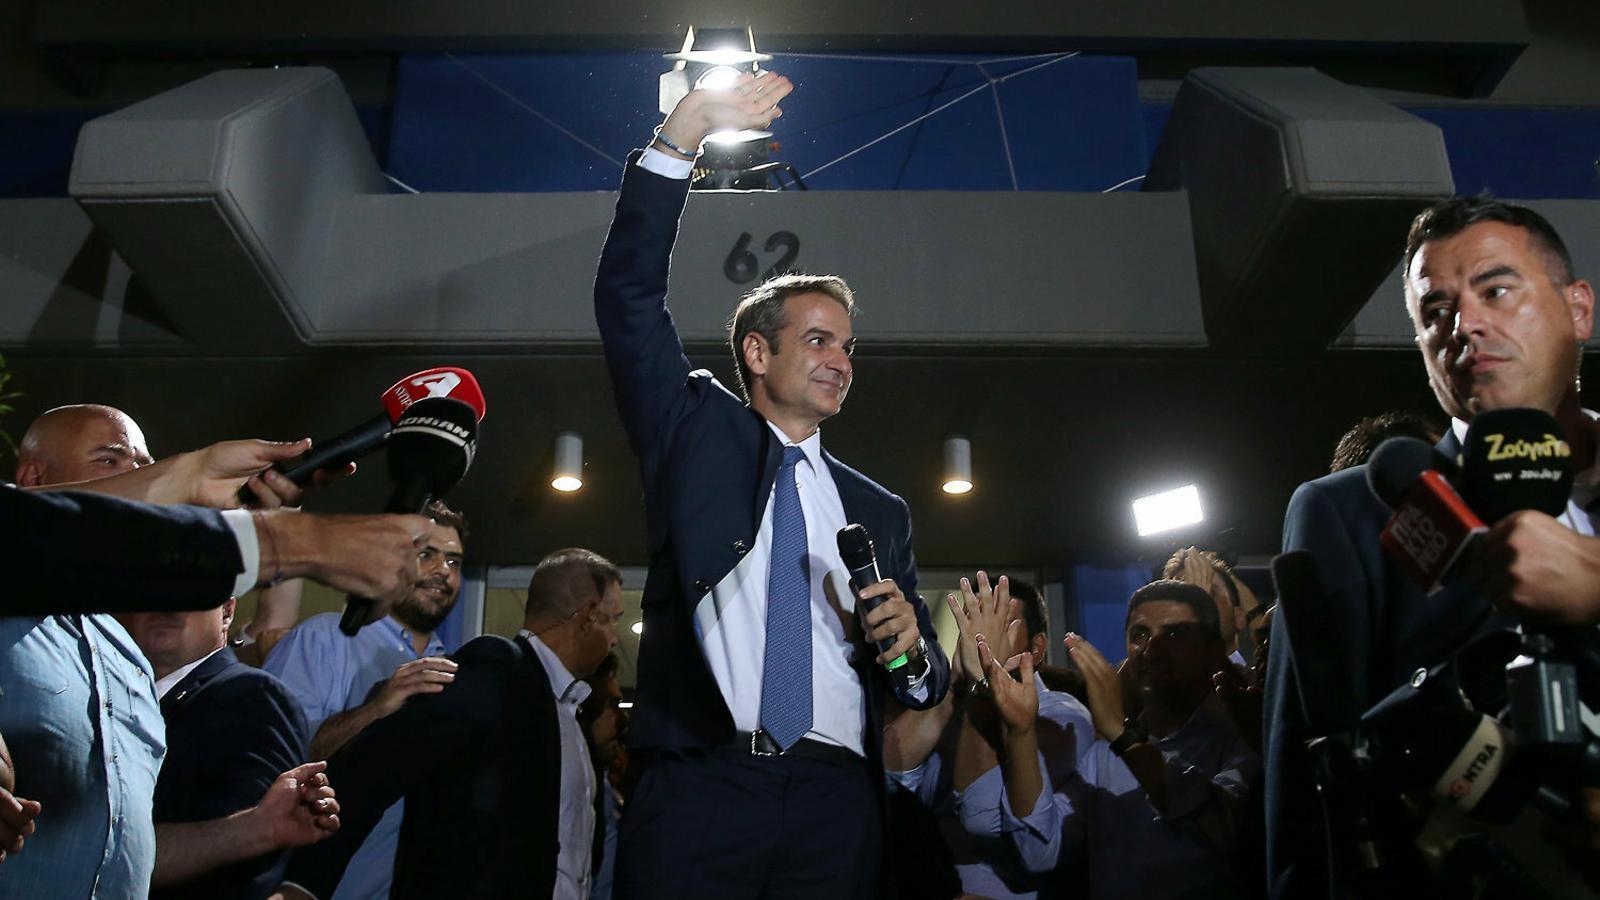 Els grecs castiguen Syriza i la dreta governarà amb majoria absoluta